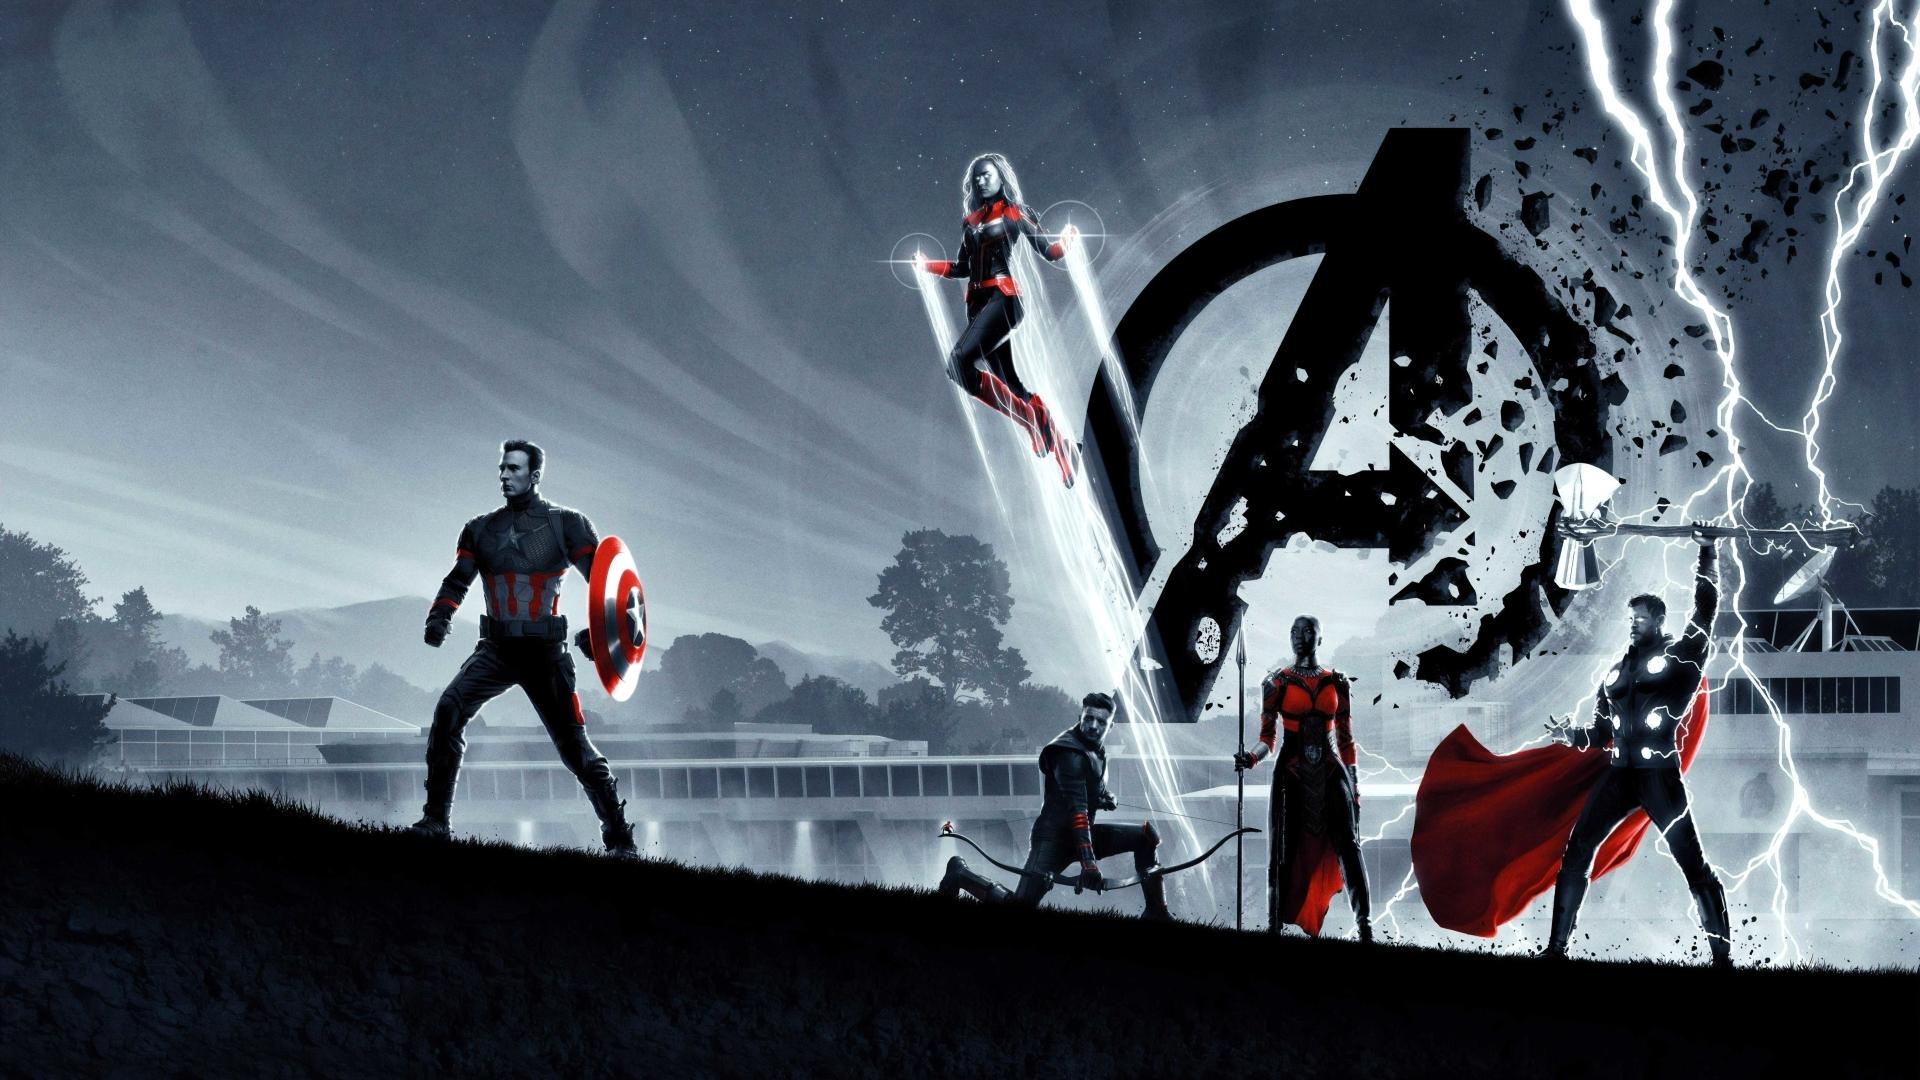 1920x1080 8k Avengers Endgame Poster 1080p Laptop Full Hd